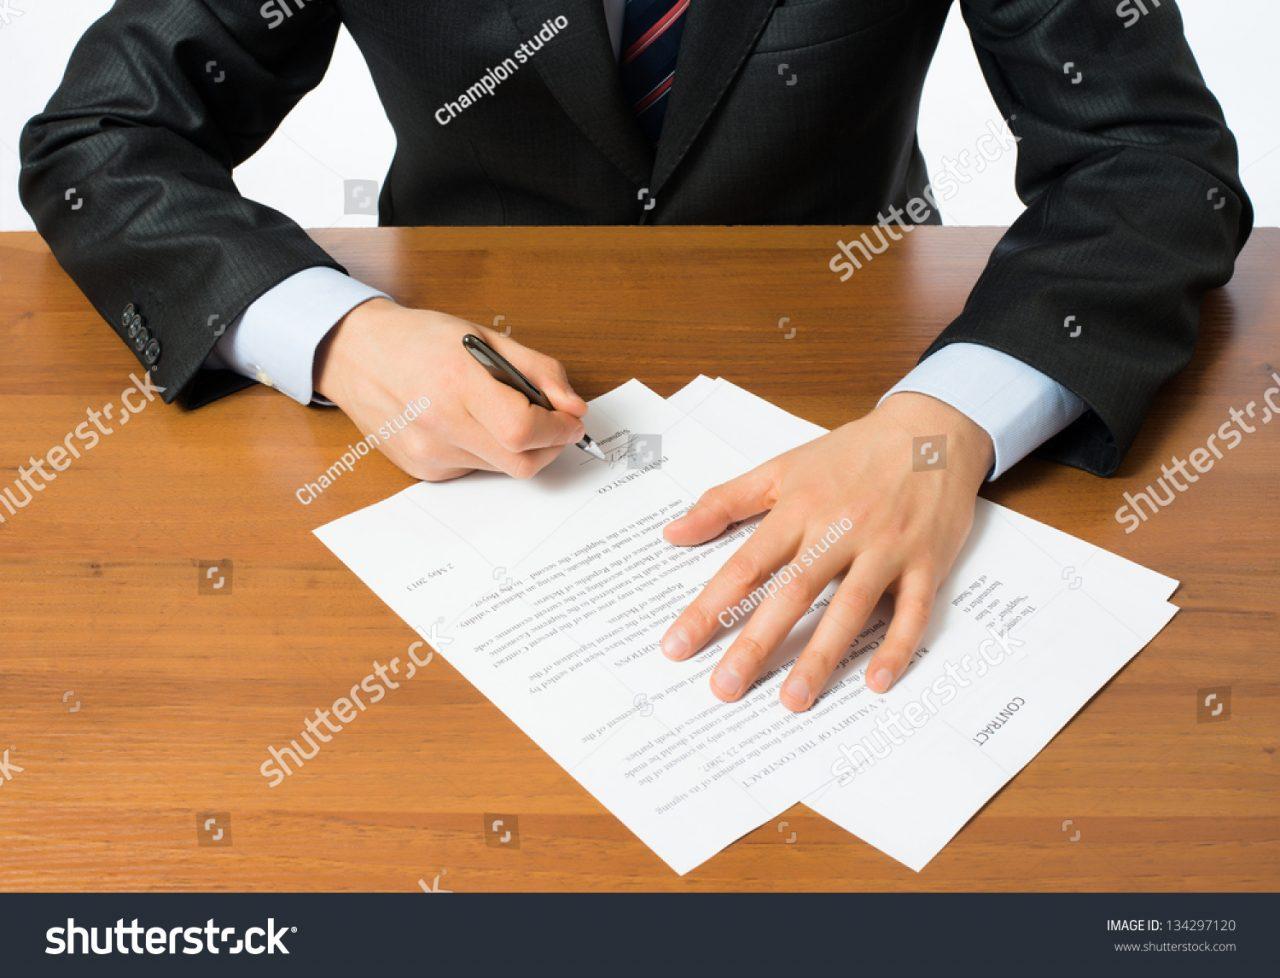 障害者雇用納付金制度に基づく助成金の特例(令和2年2月1日から令和3年3月31日)